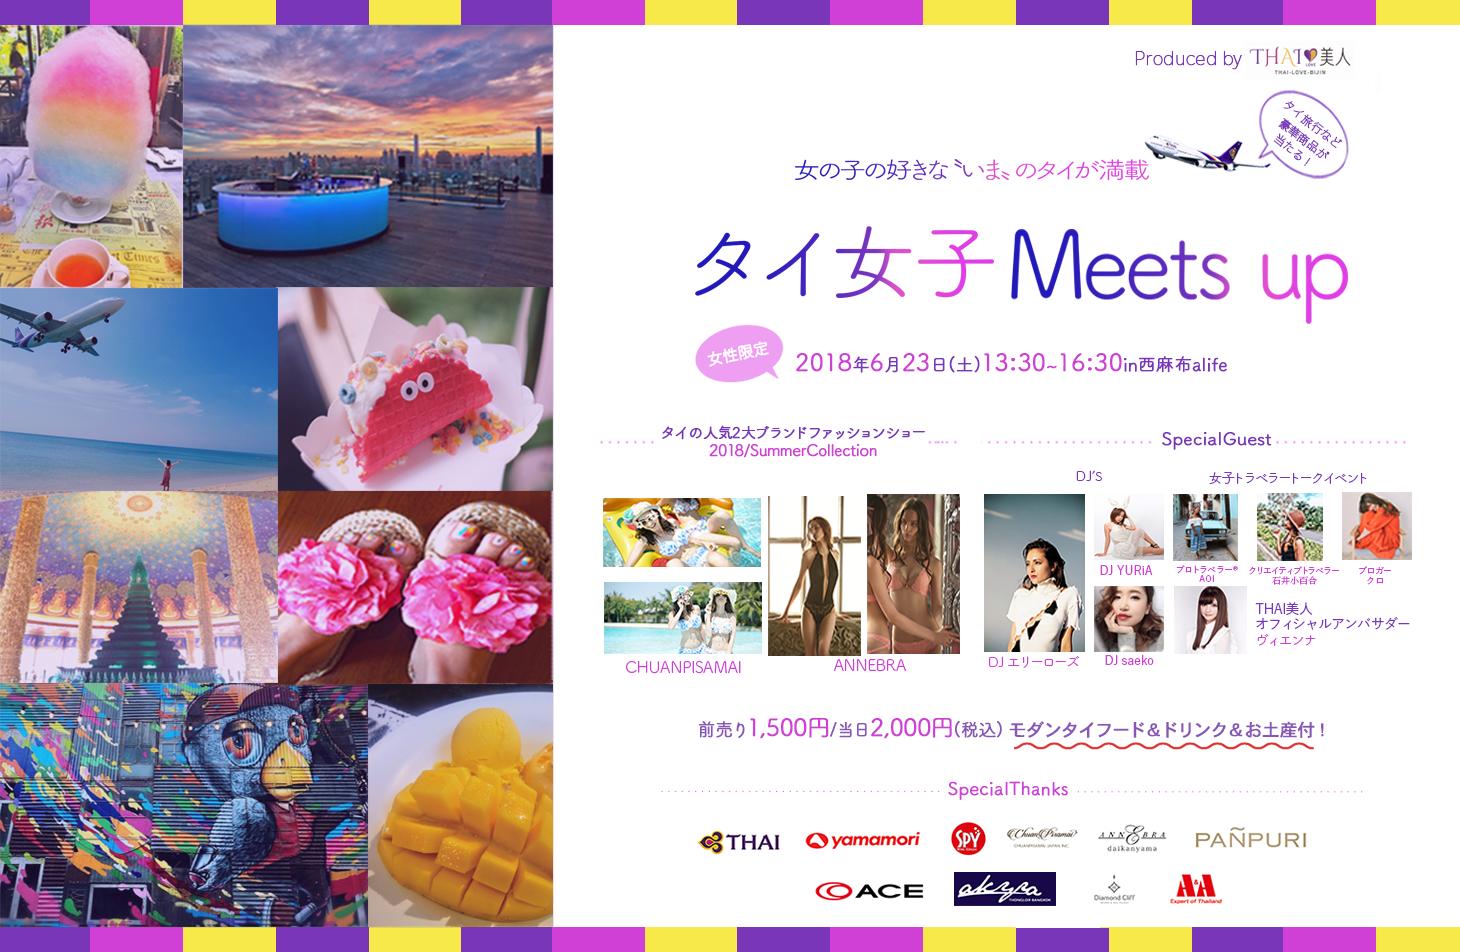 女性限定イベント「タイ女子Meets Up」を開催! スペシャルゲスト「エリーローズ」登場